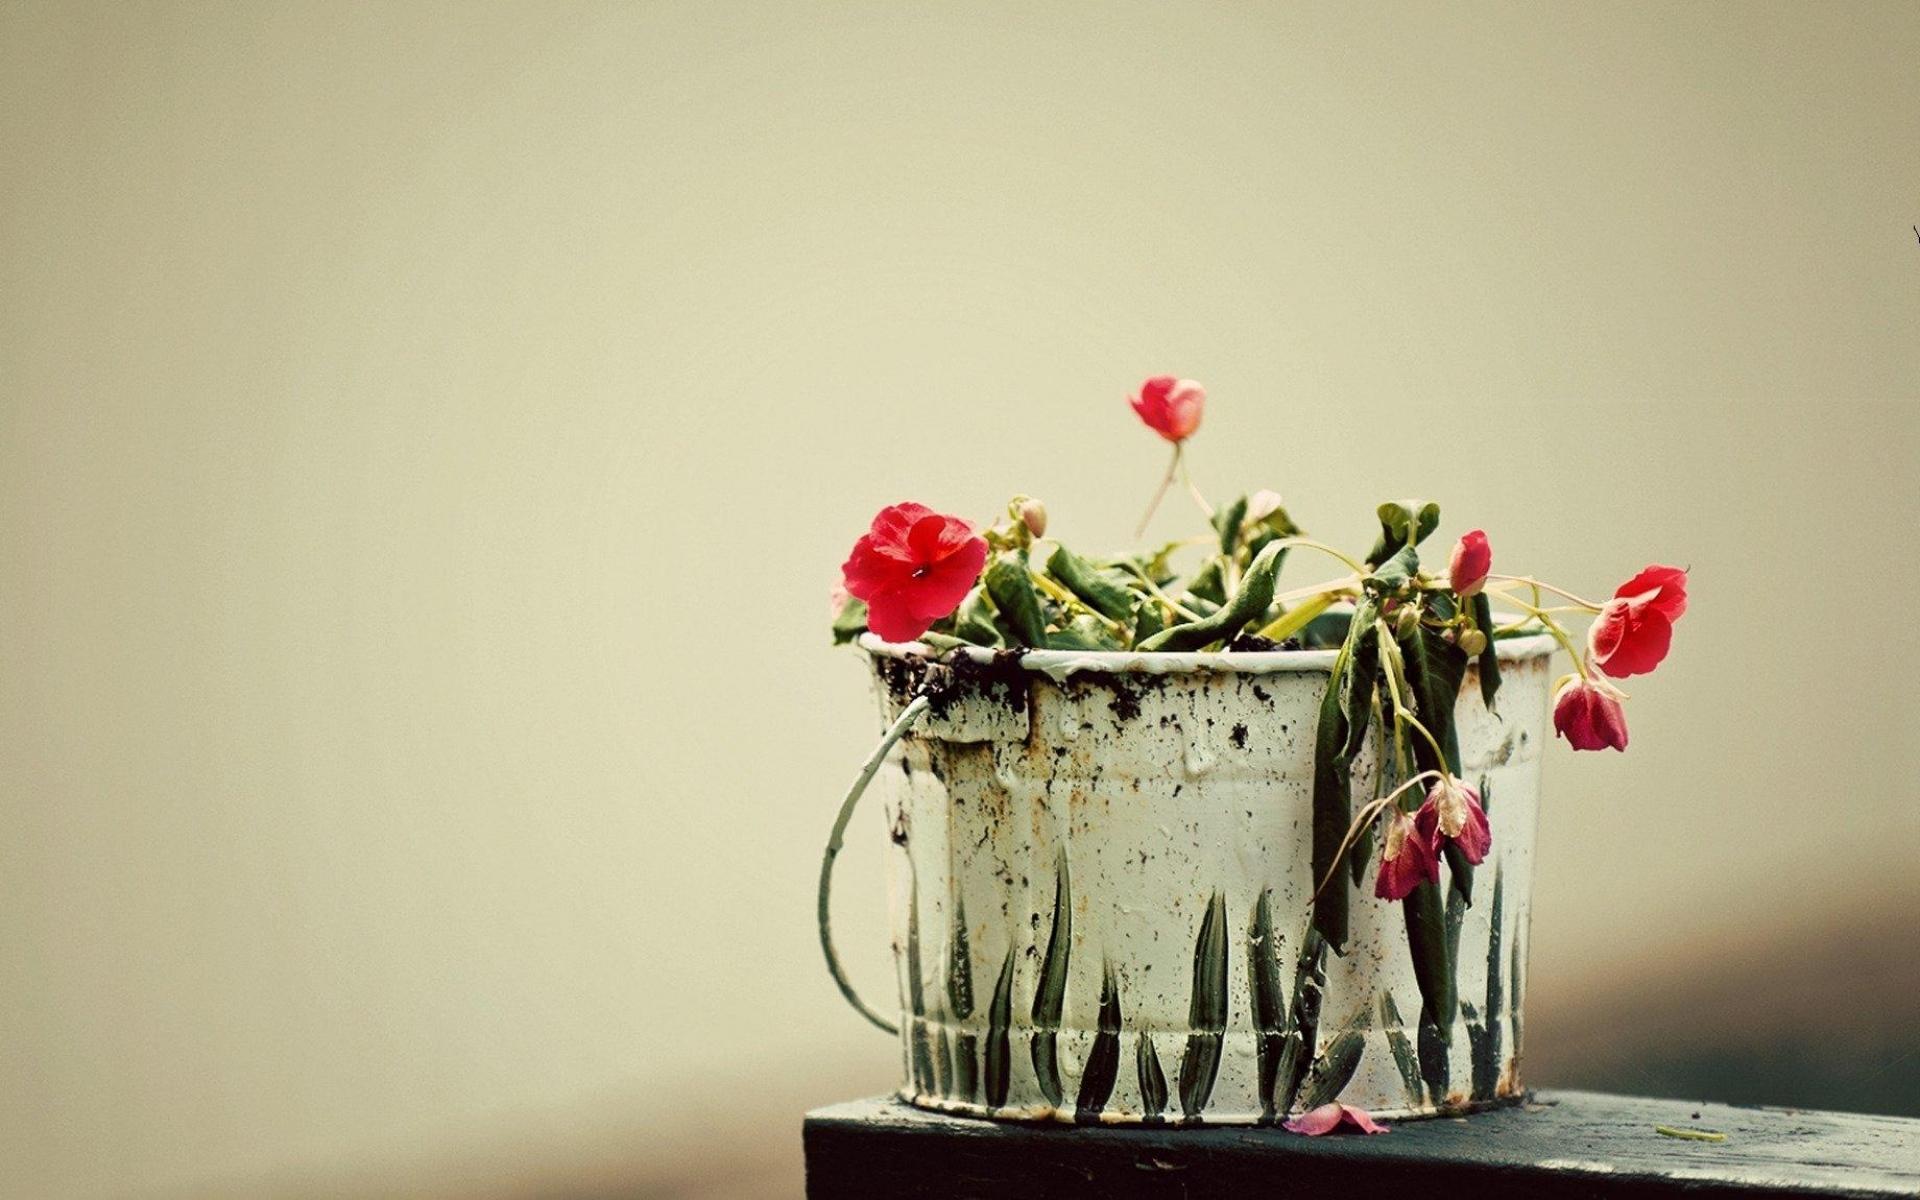 Картинки Цветы, свисающие, ведро фото и обои на рабочий стол